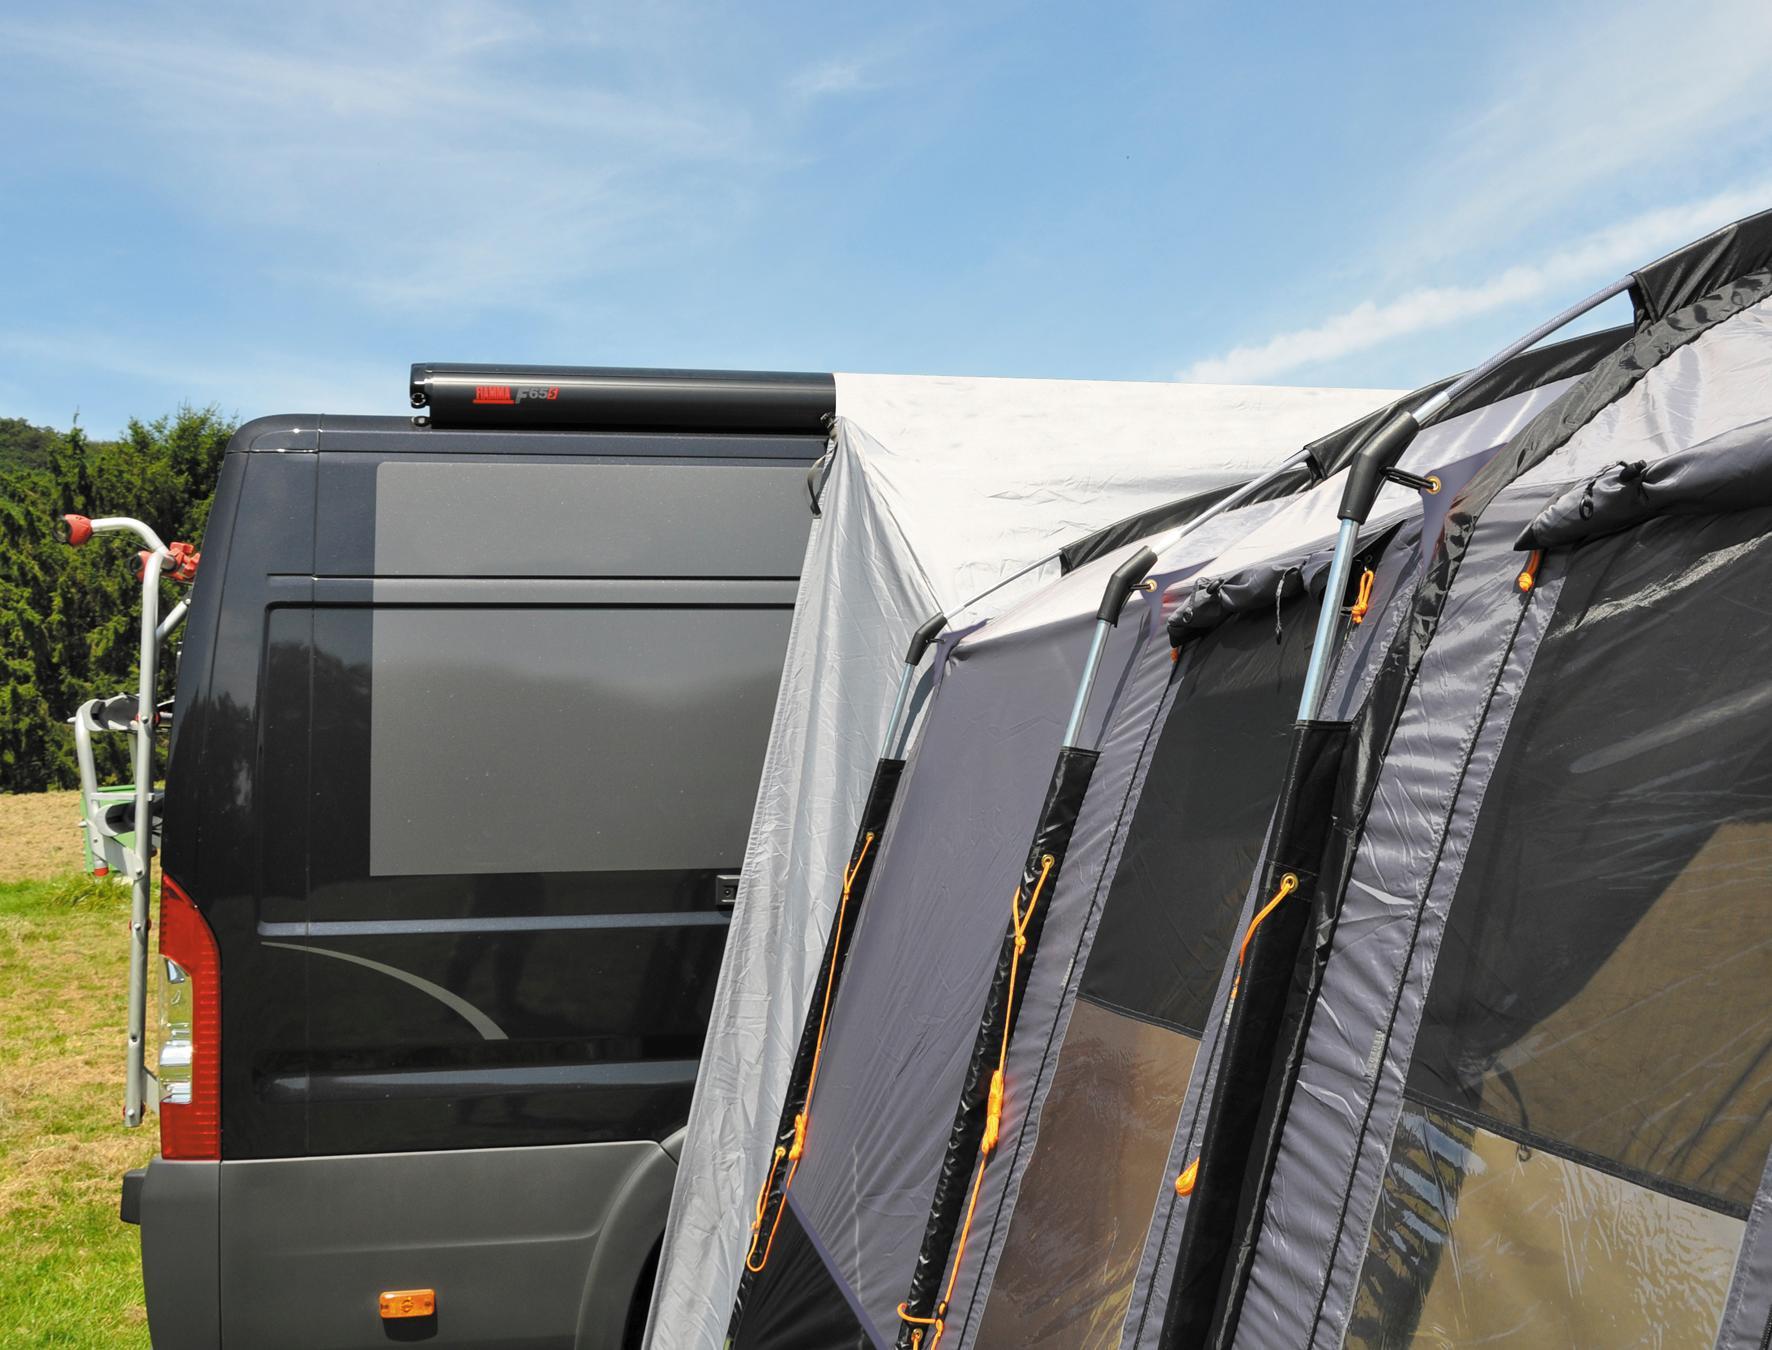 Eurotrail Silverstone Busvorzelt, 330x340cm von Eurotrail